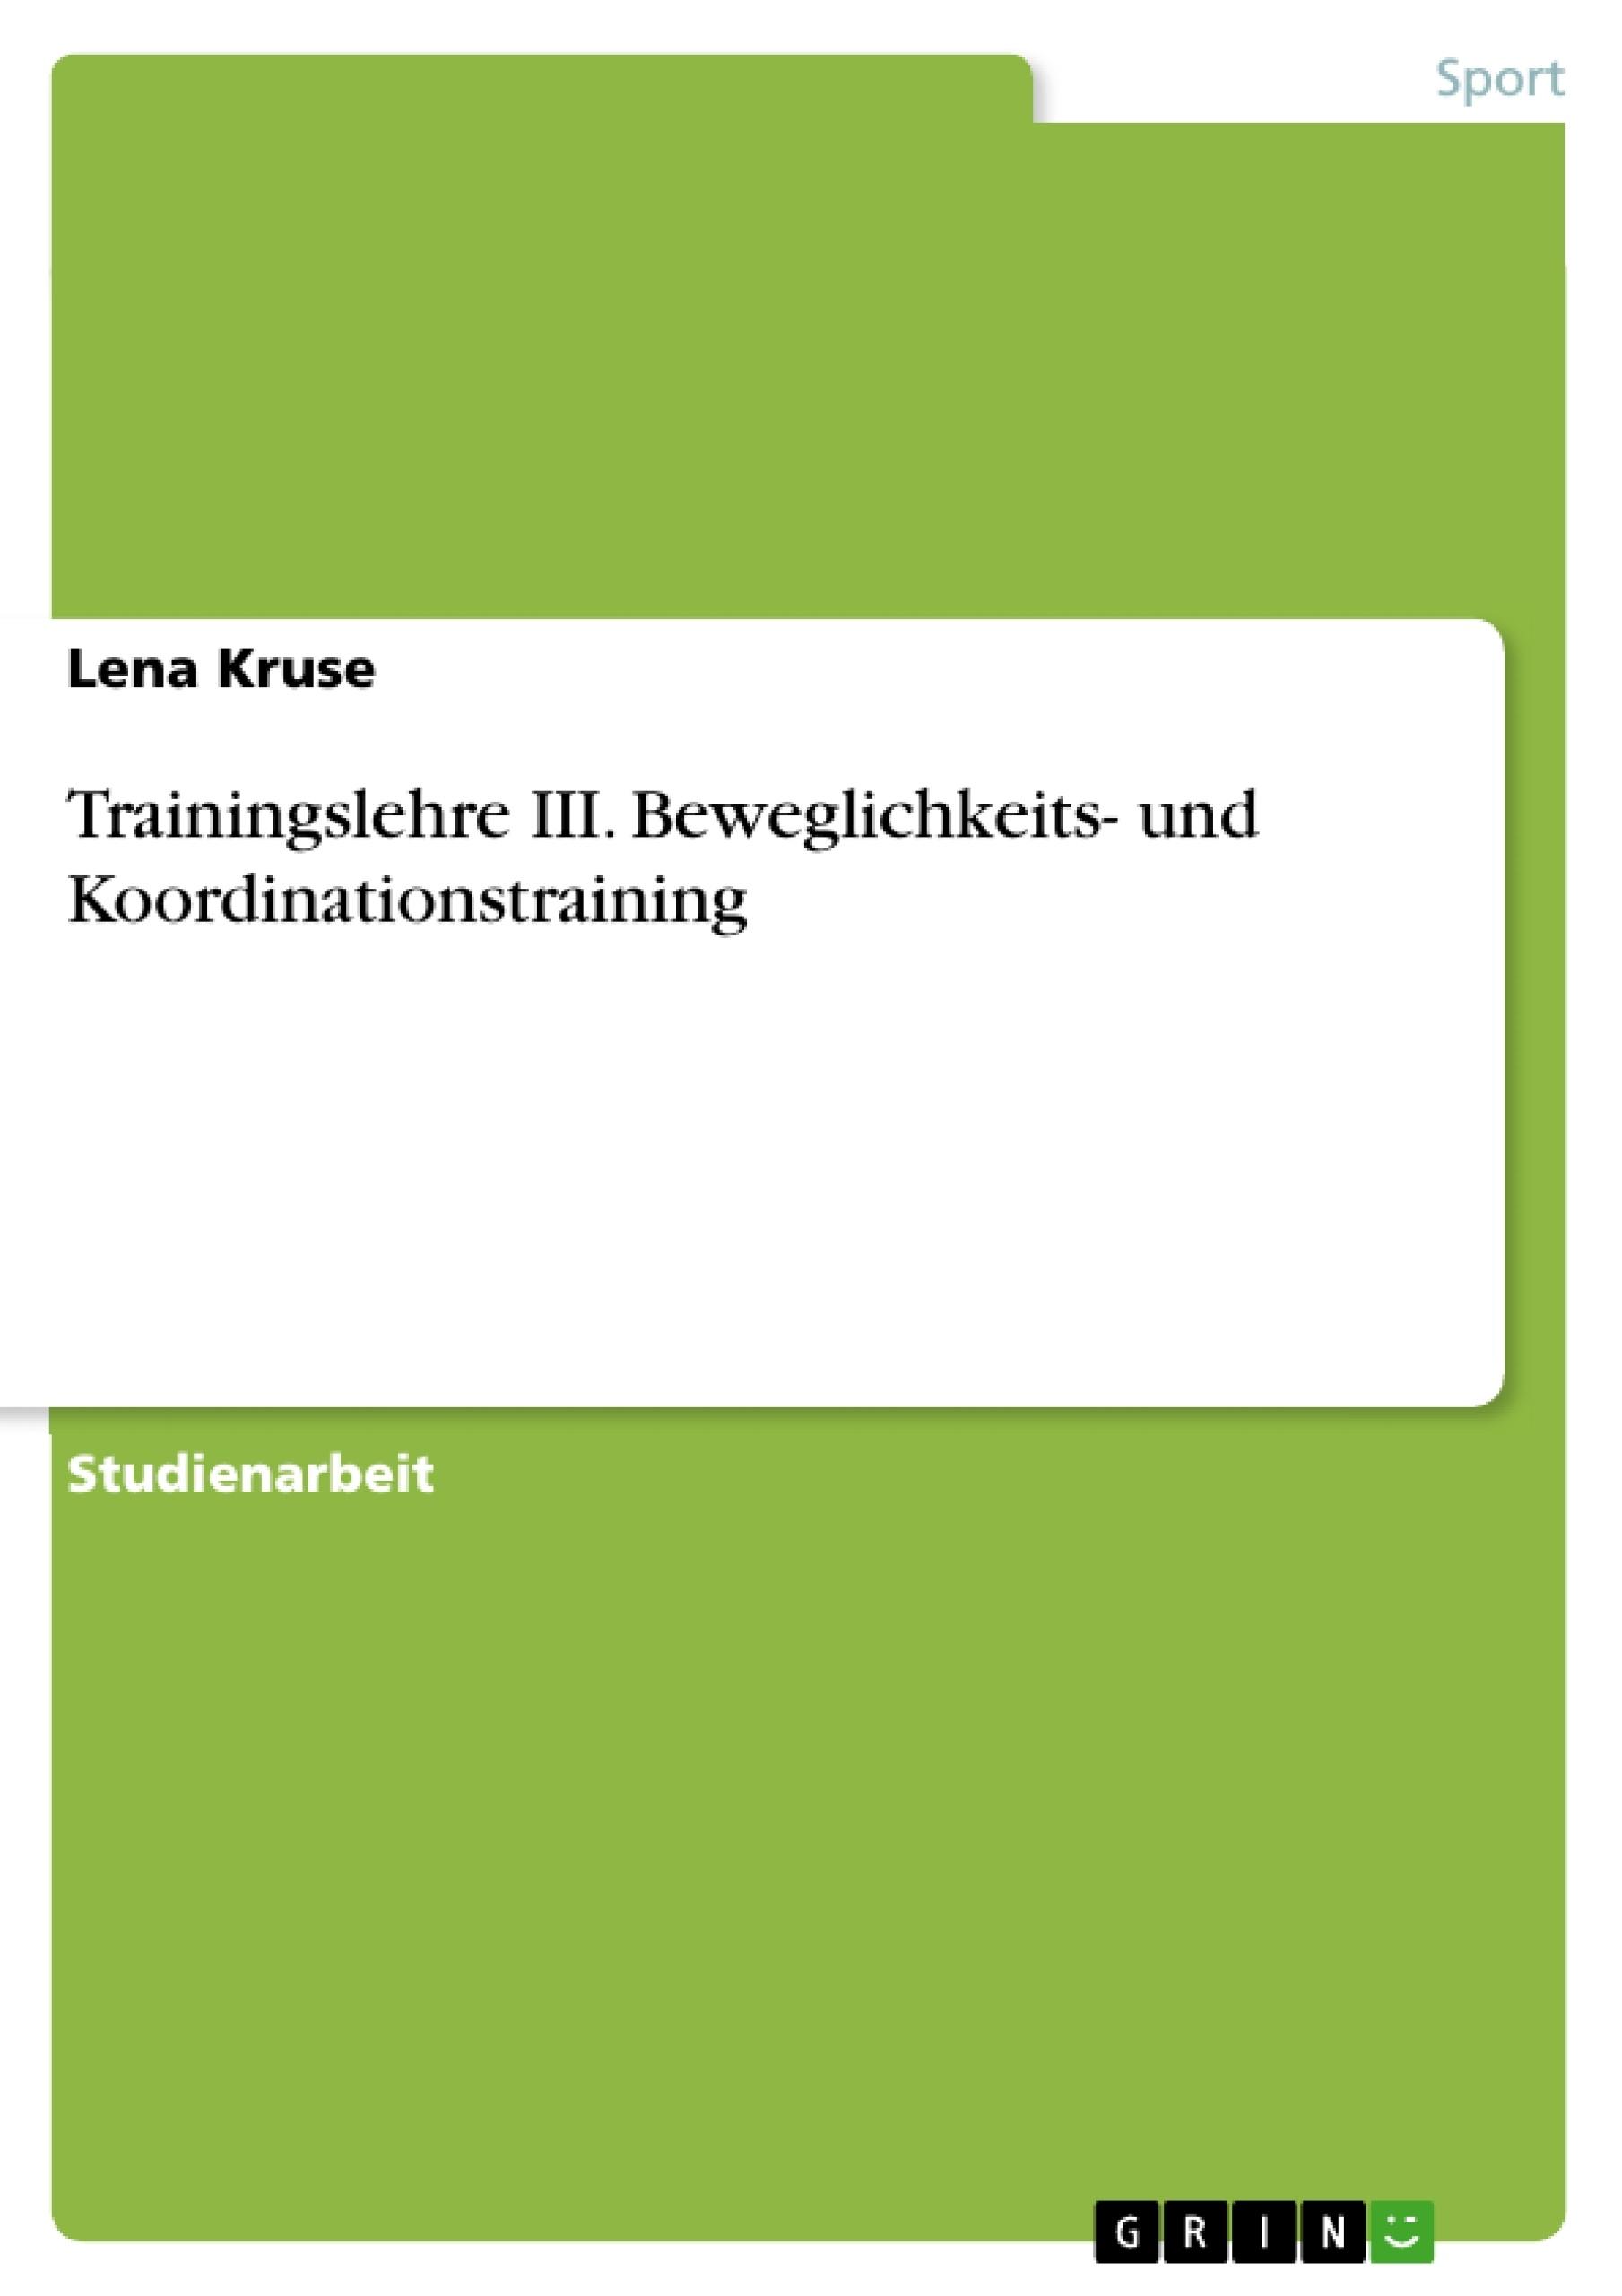 Titel: Trainingslehre III. Beweglichkeits- und Koordinationstraining